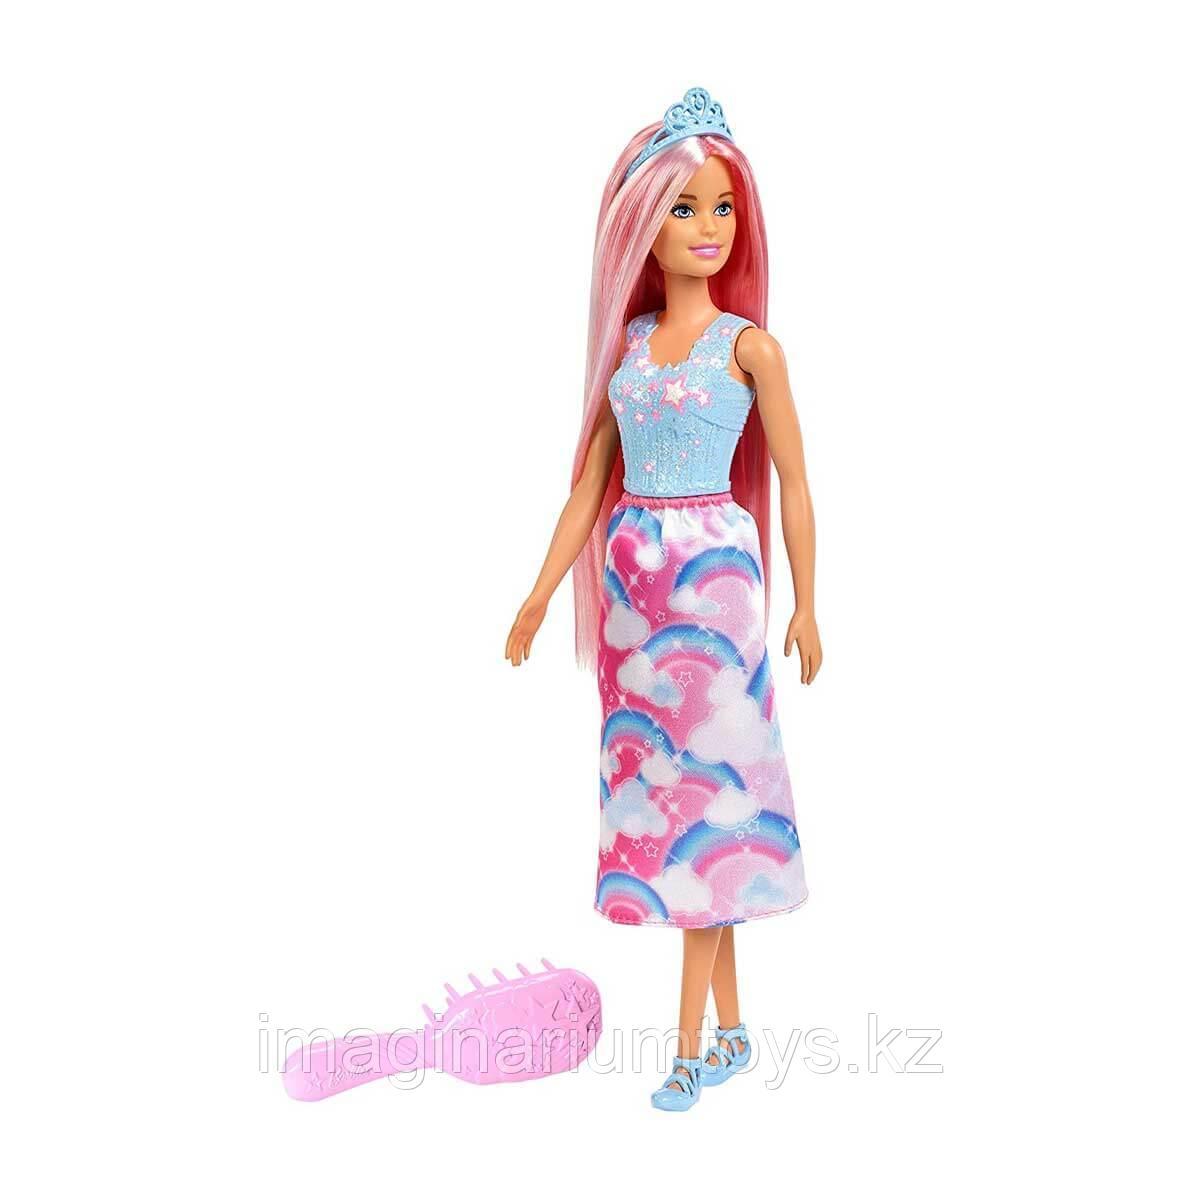 Кукла Барби принцесса с розовыми волосами